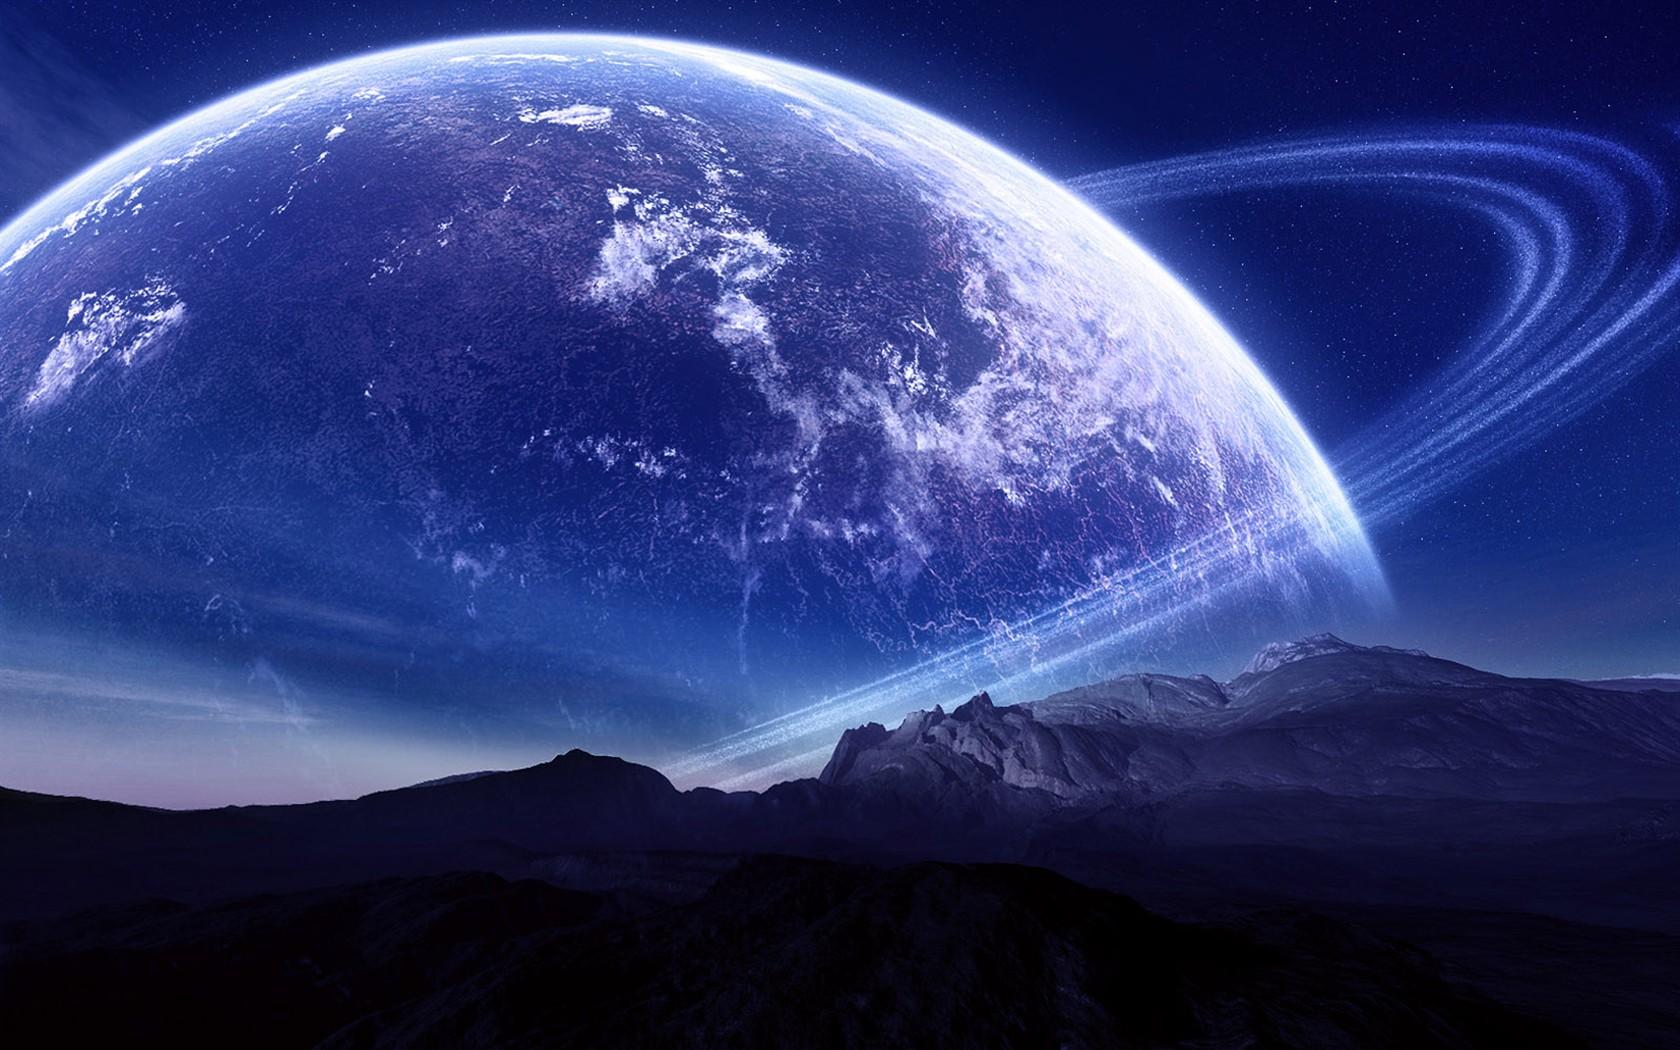 宇宙の風景壁紙アルバム 1 4 1680x1050 壁紙ダウンロード 宇宙の風景壁紙アルバム 1 風景 壁紙 V3の壁紙